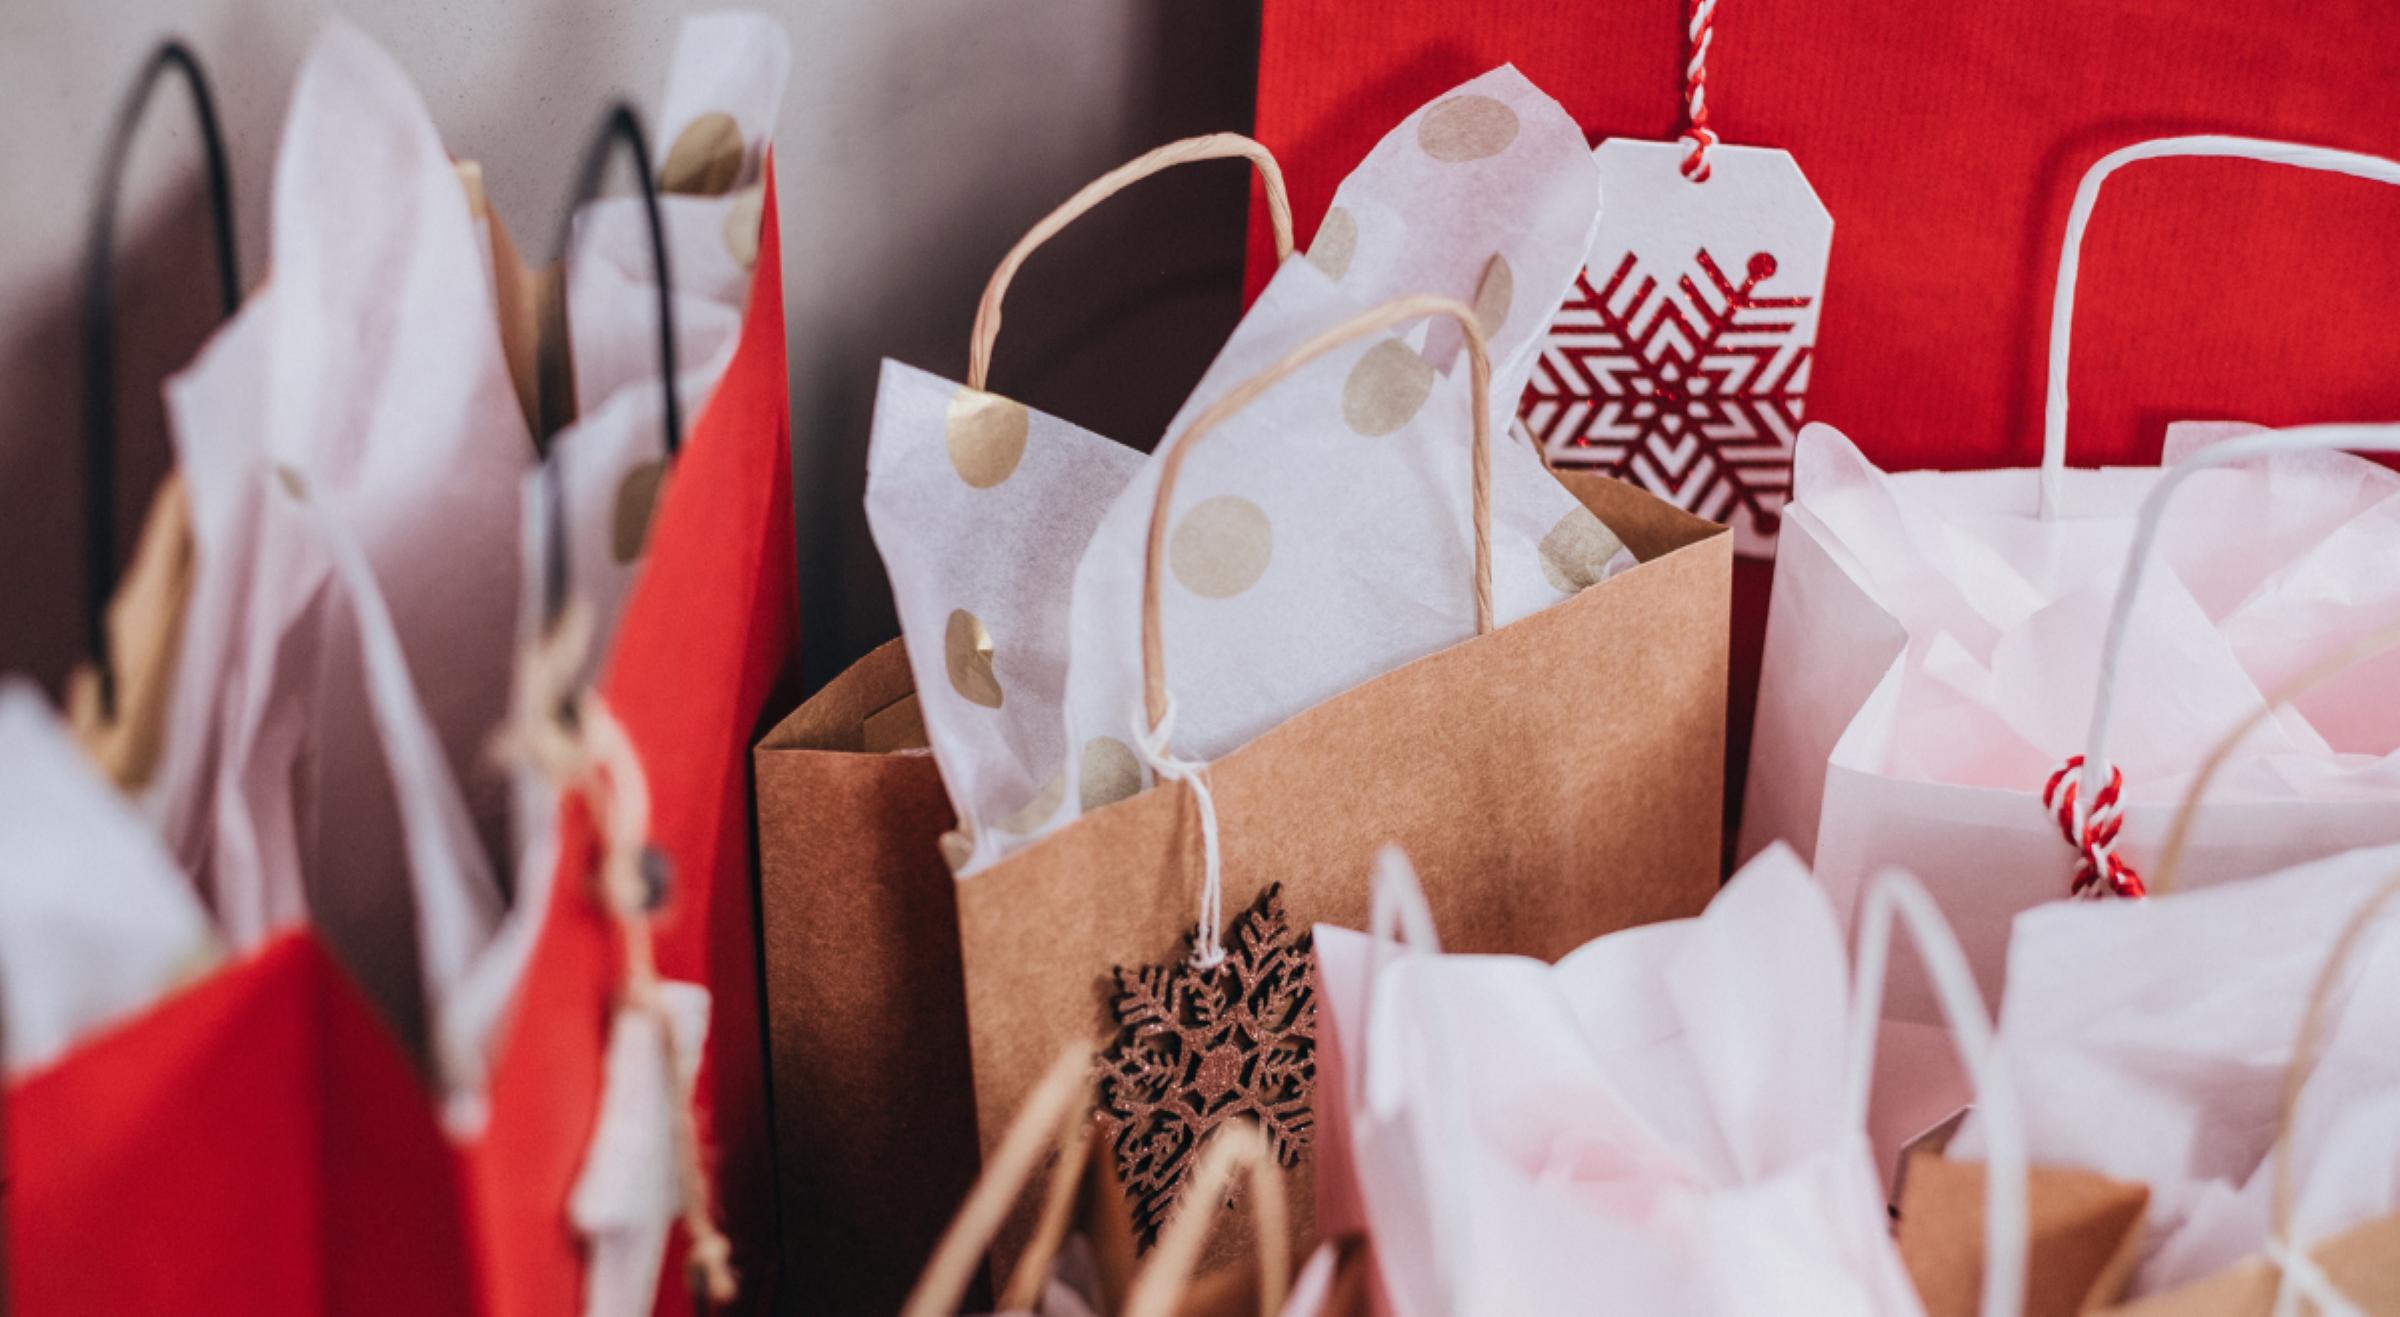 Shop smarter this Christmas